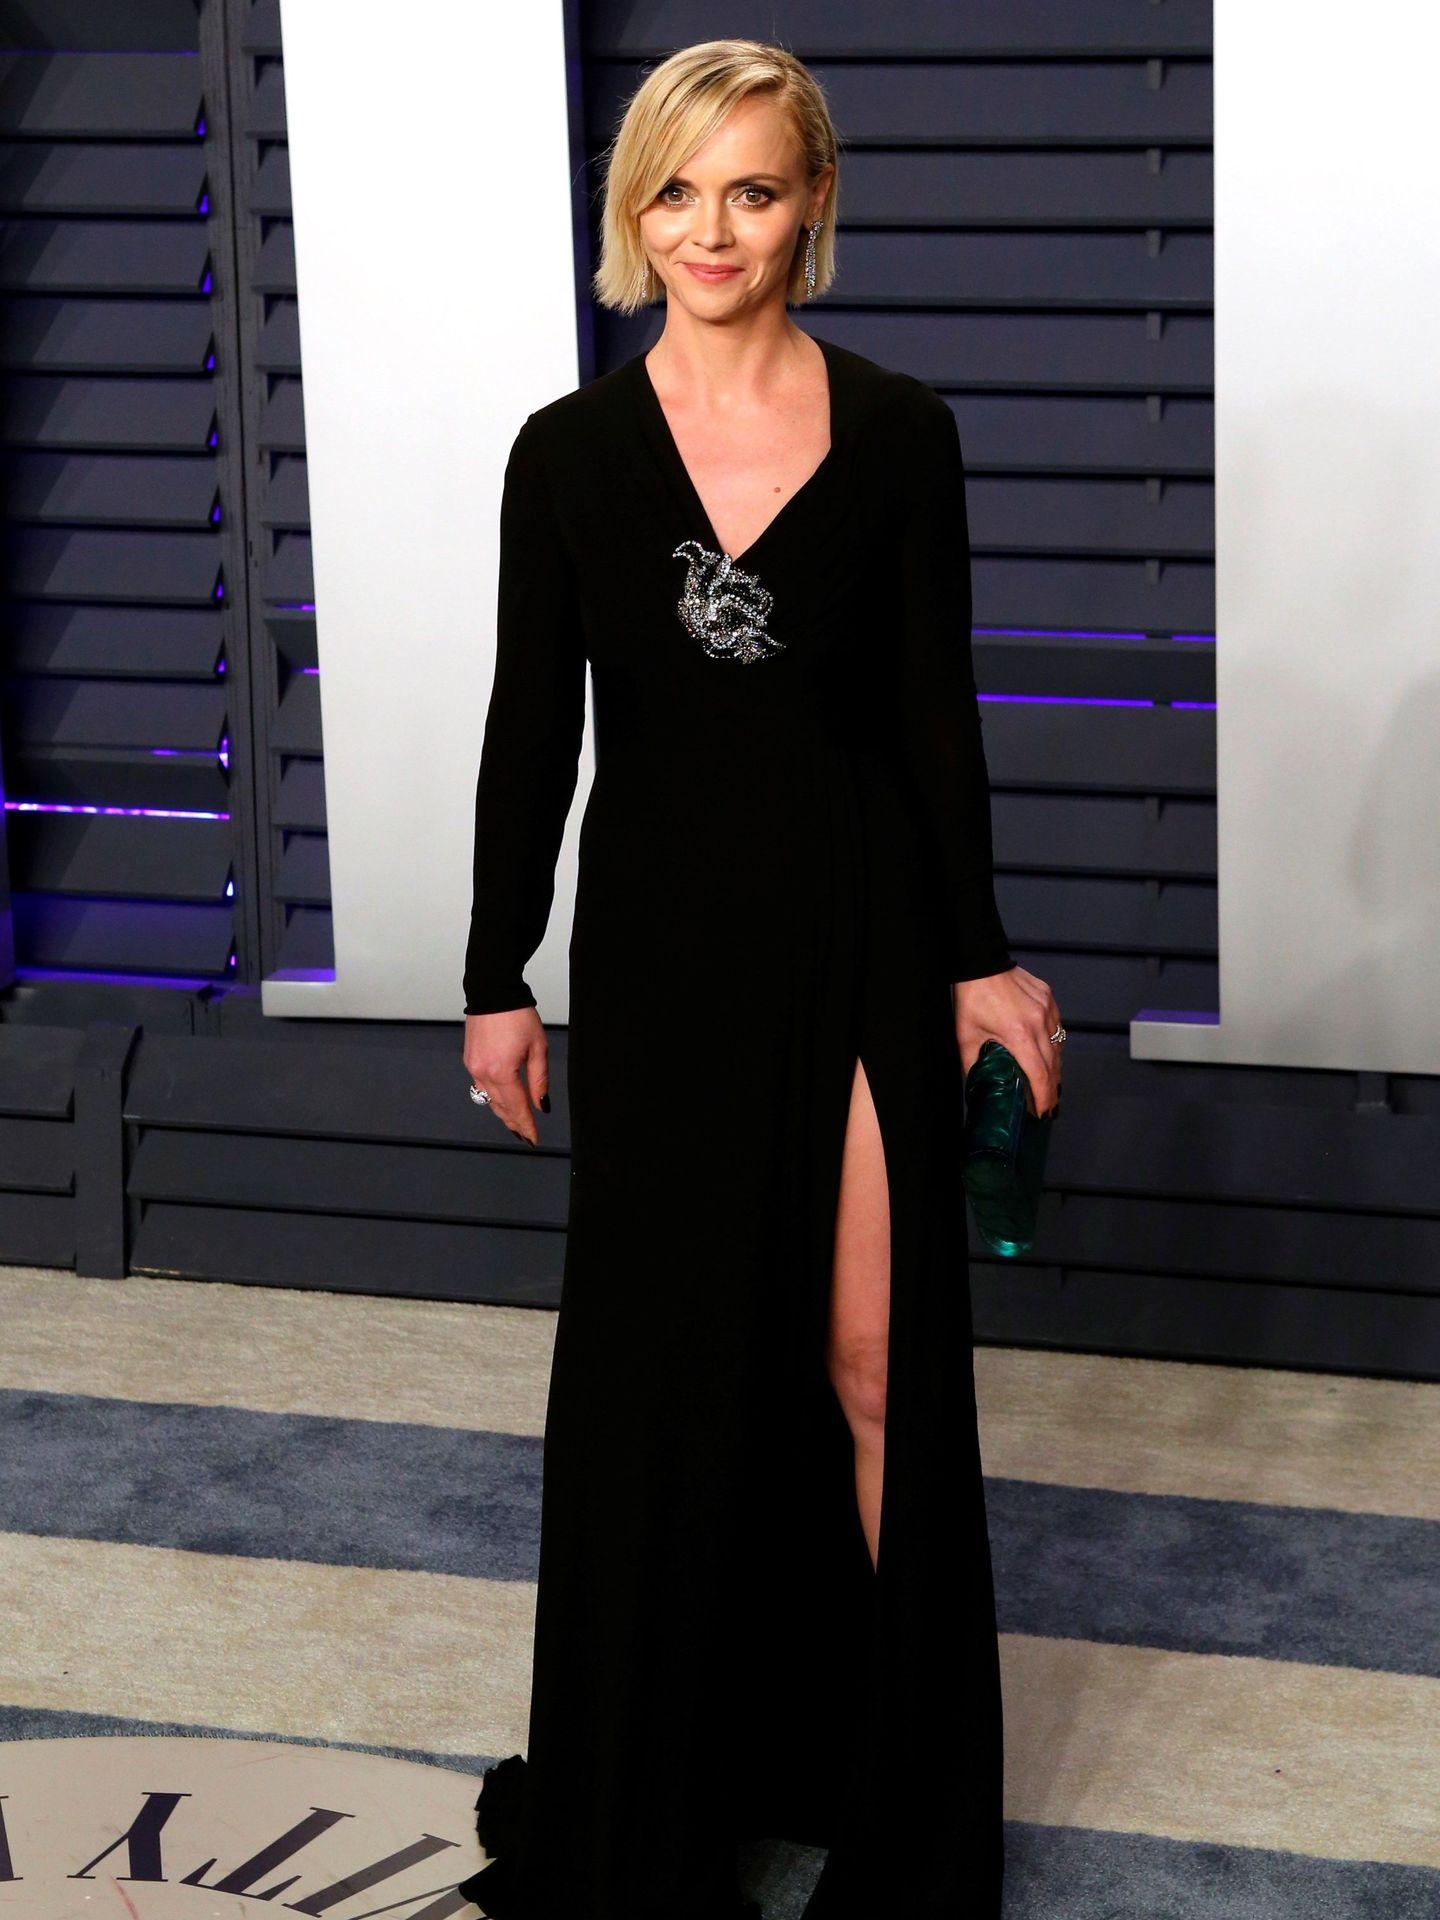 La actriz estadounidense Christina Ricci posa para los medios a su llegada a la fiesta Vanity Fair. (EFE)